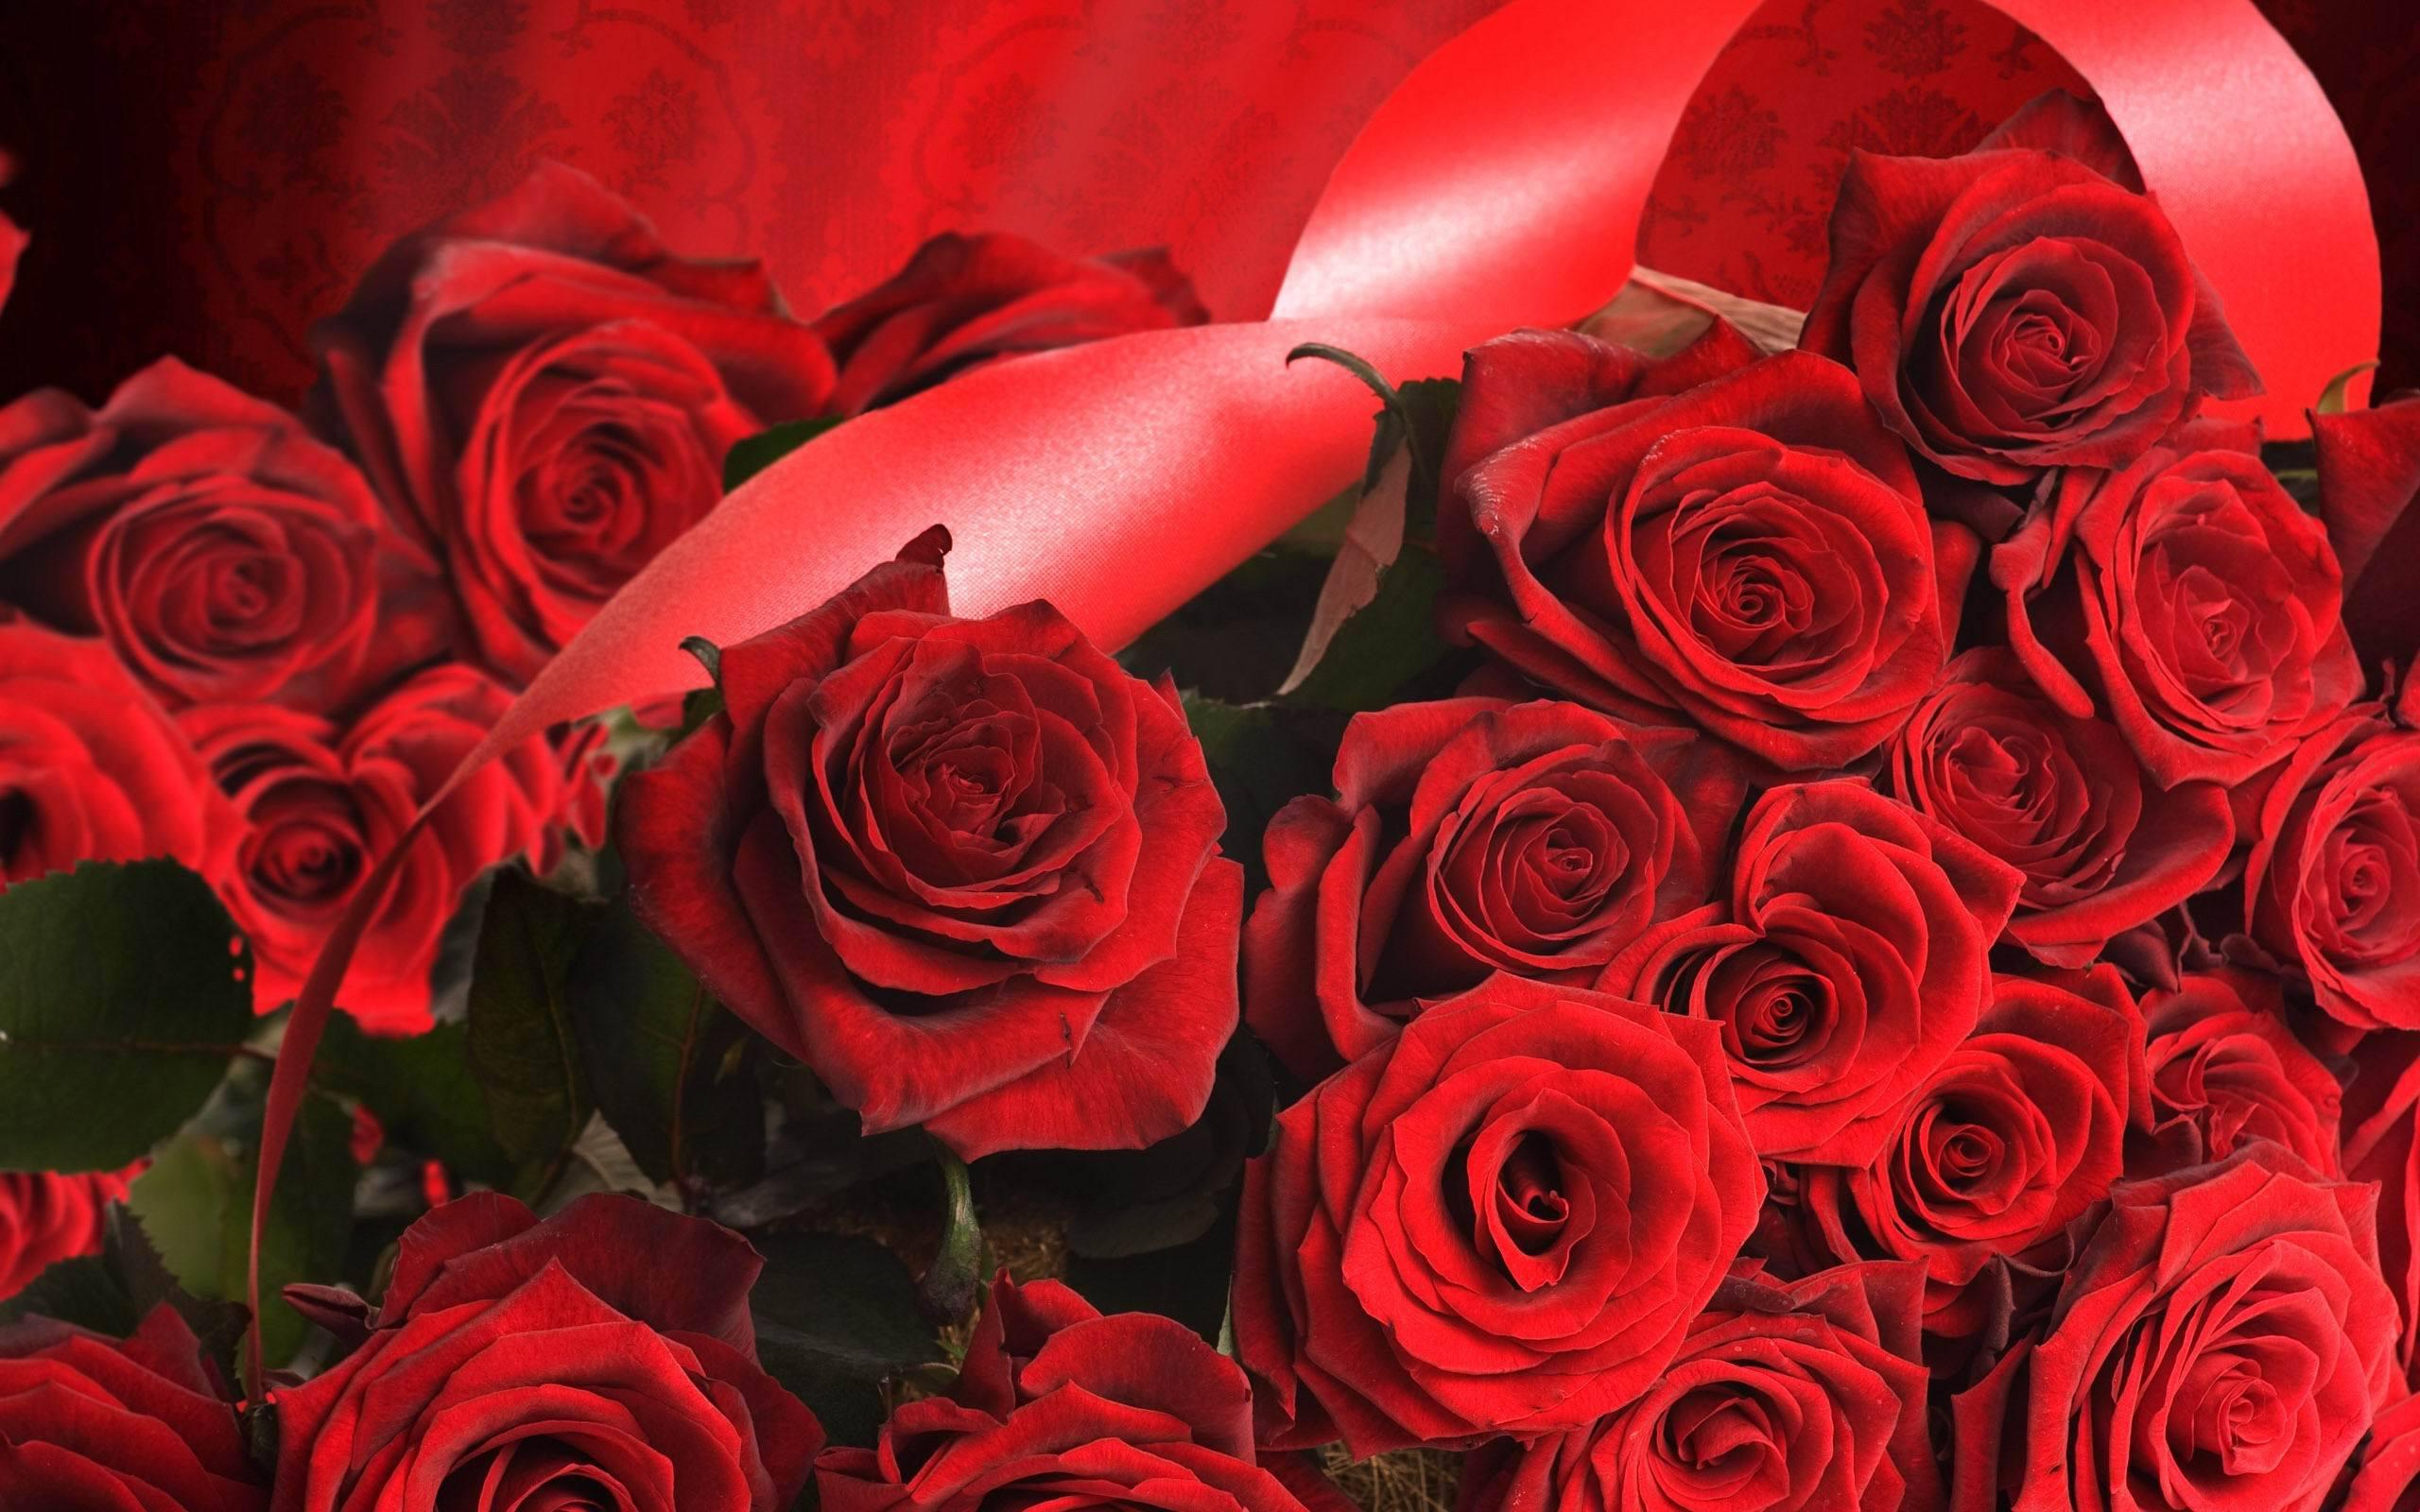 Открытки с розами рабочий стол, картинки для презентации